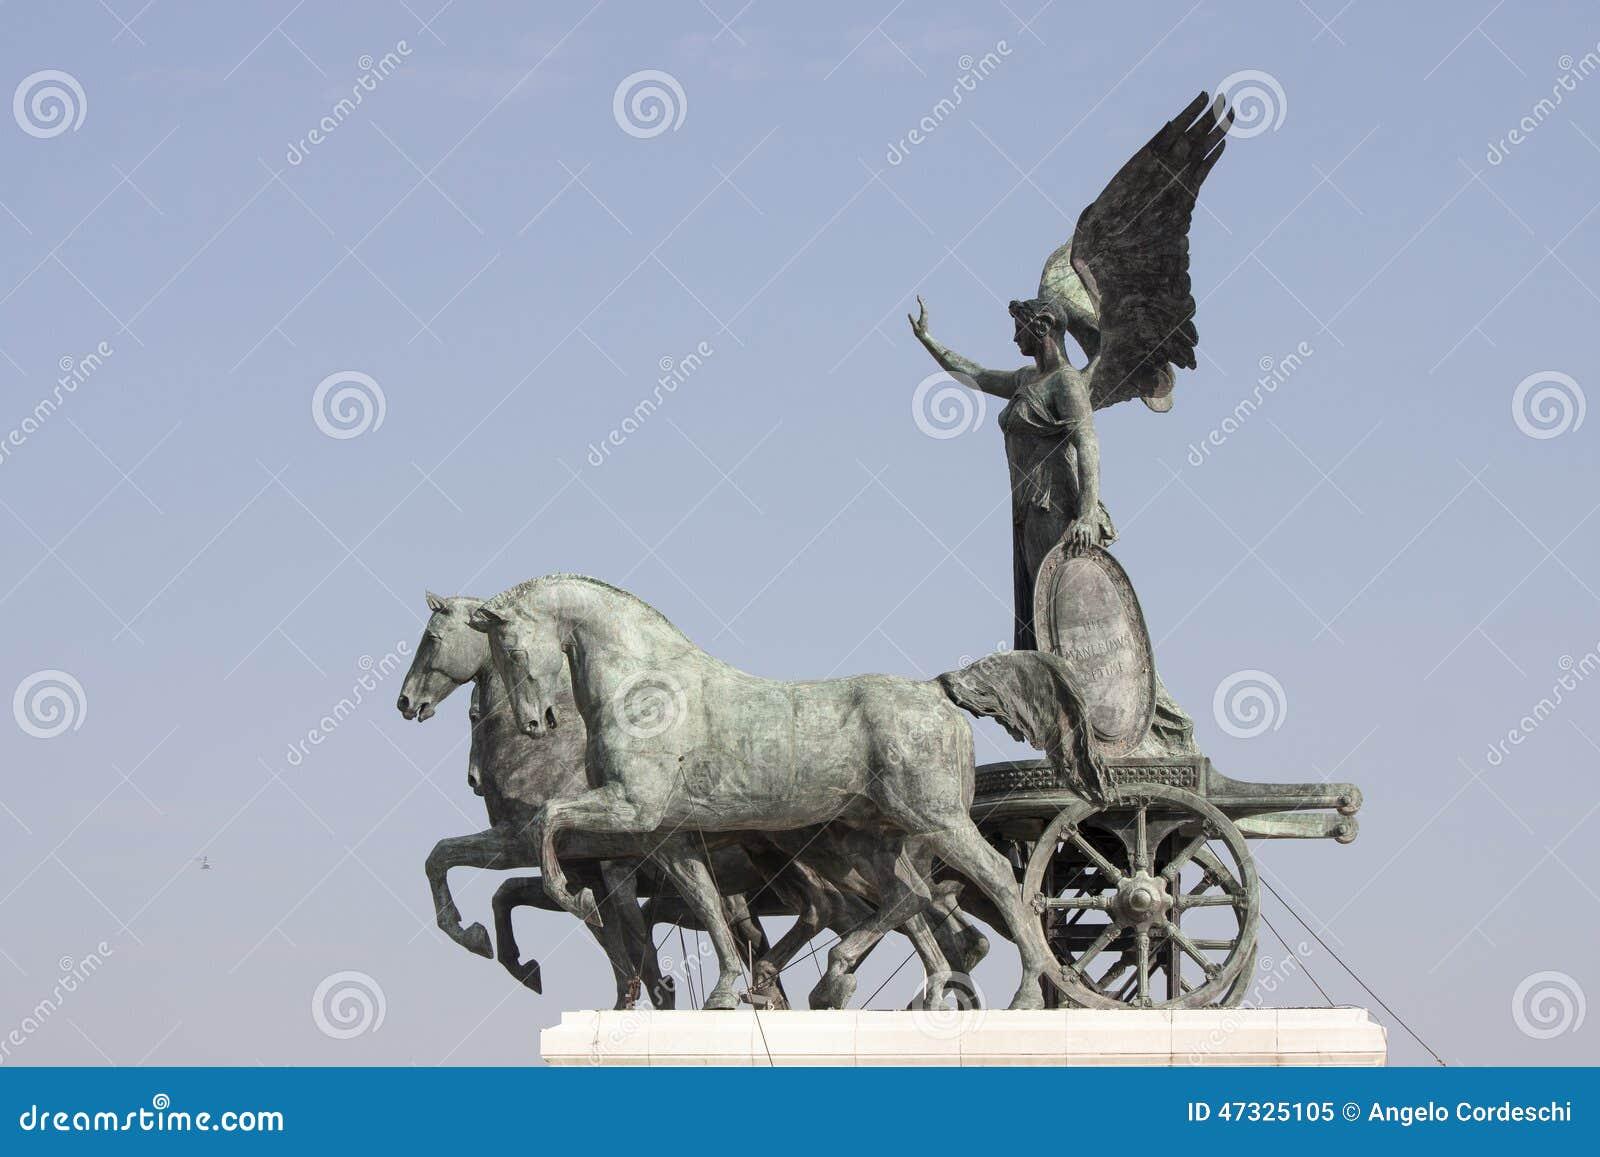 Quadriga rzymski rydwan, rysujący cztery koniami abreast